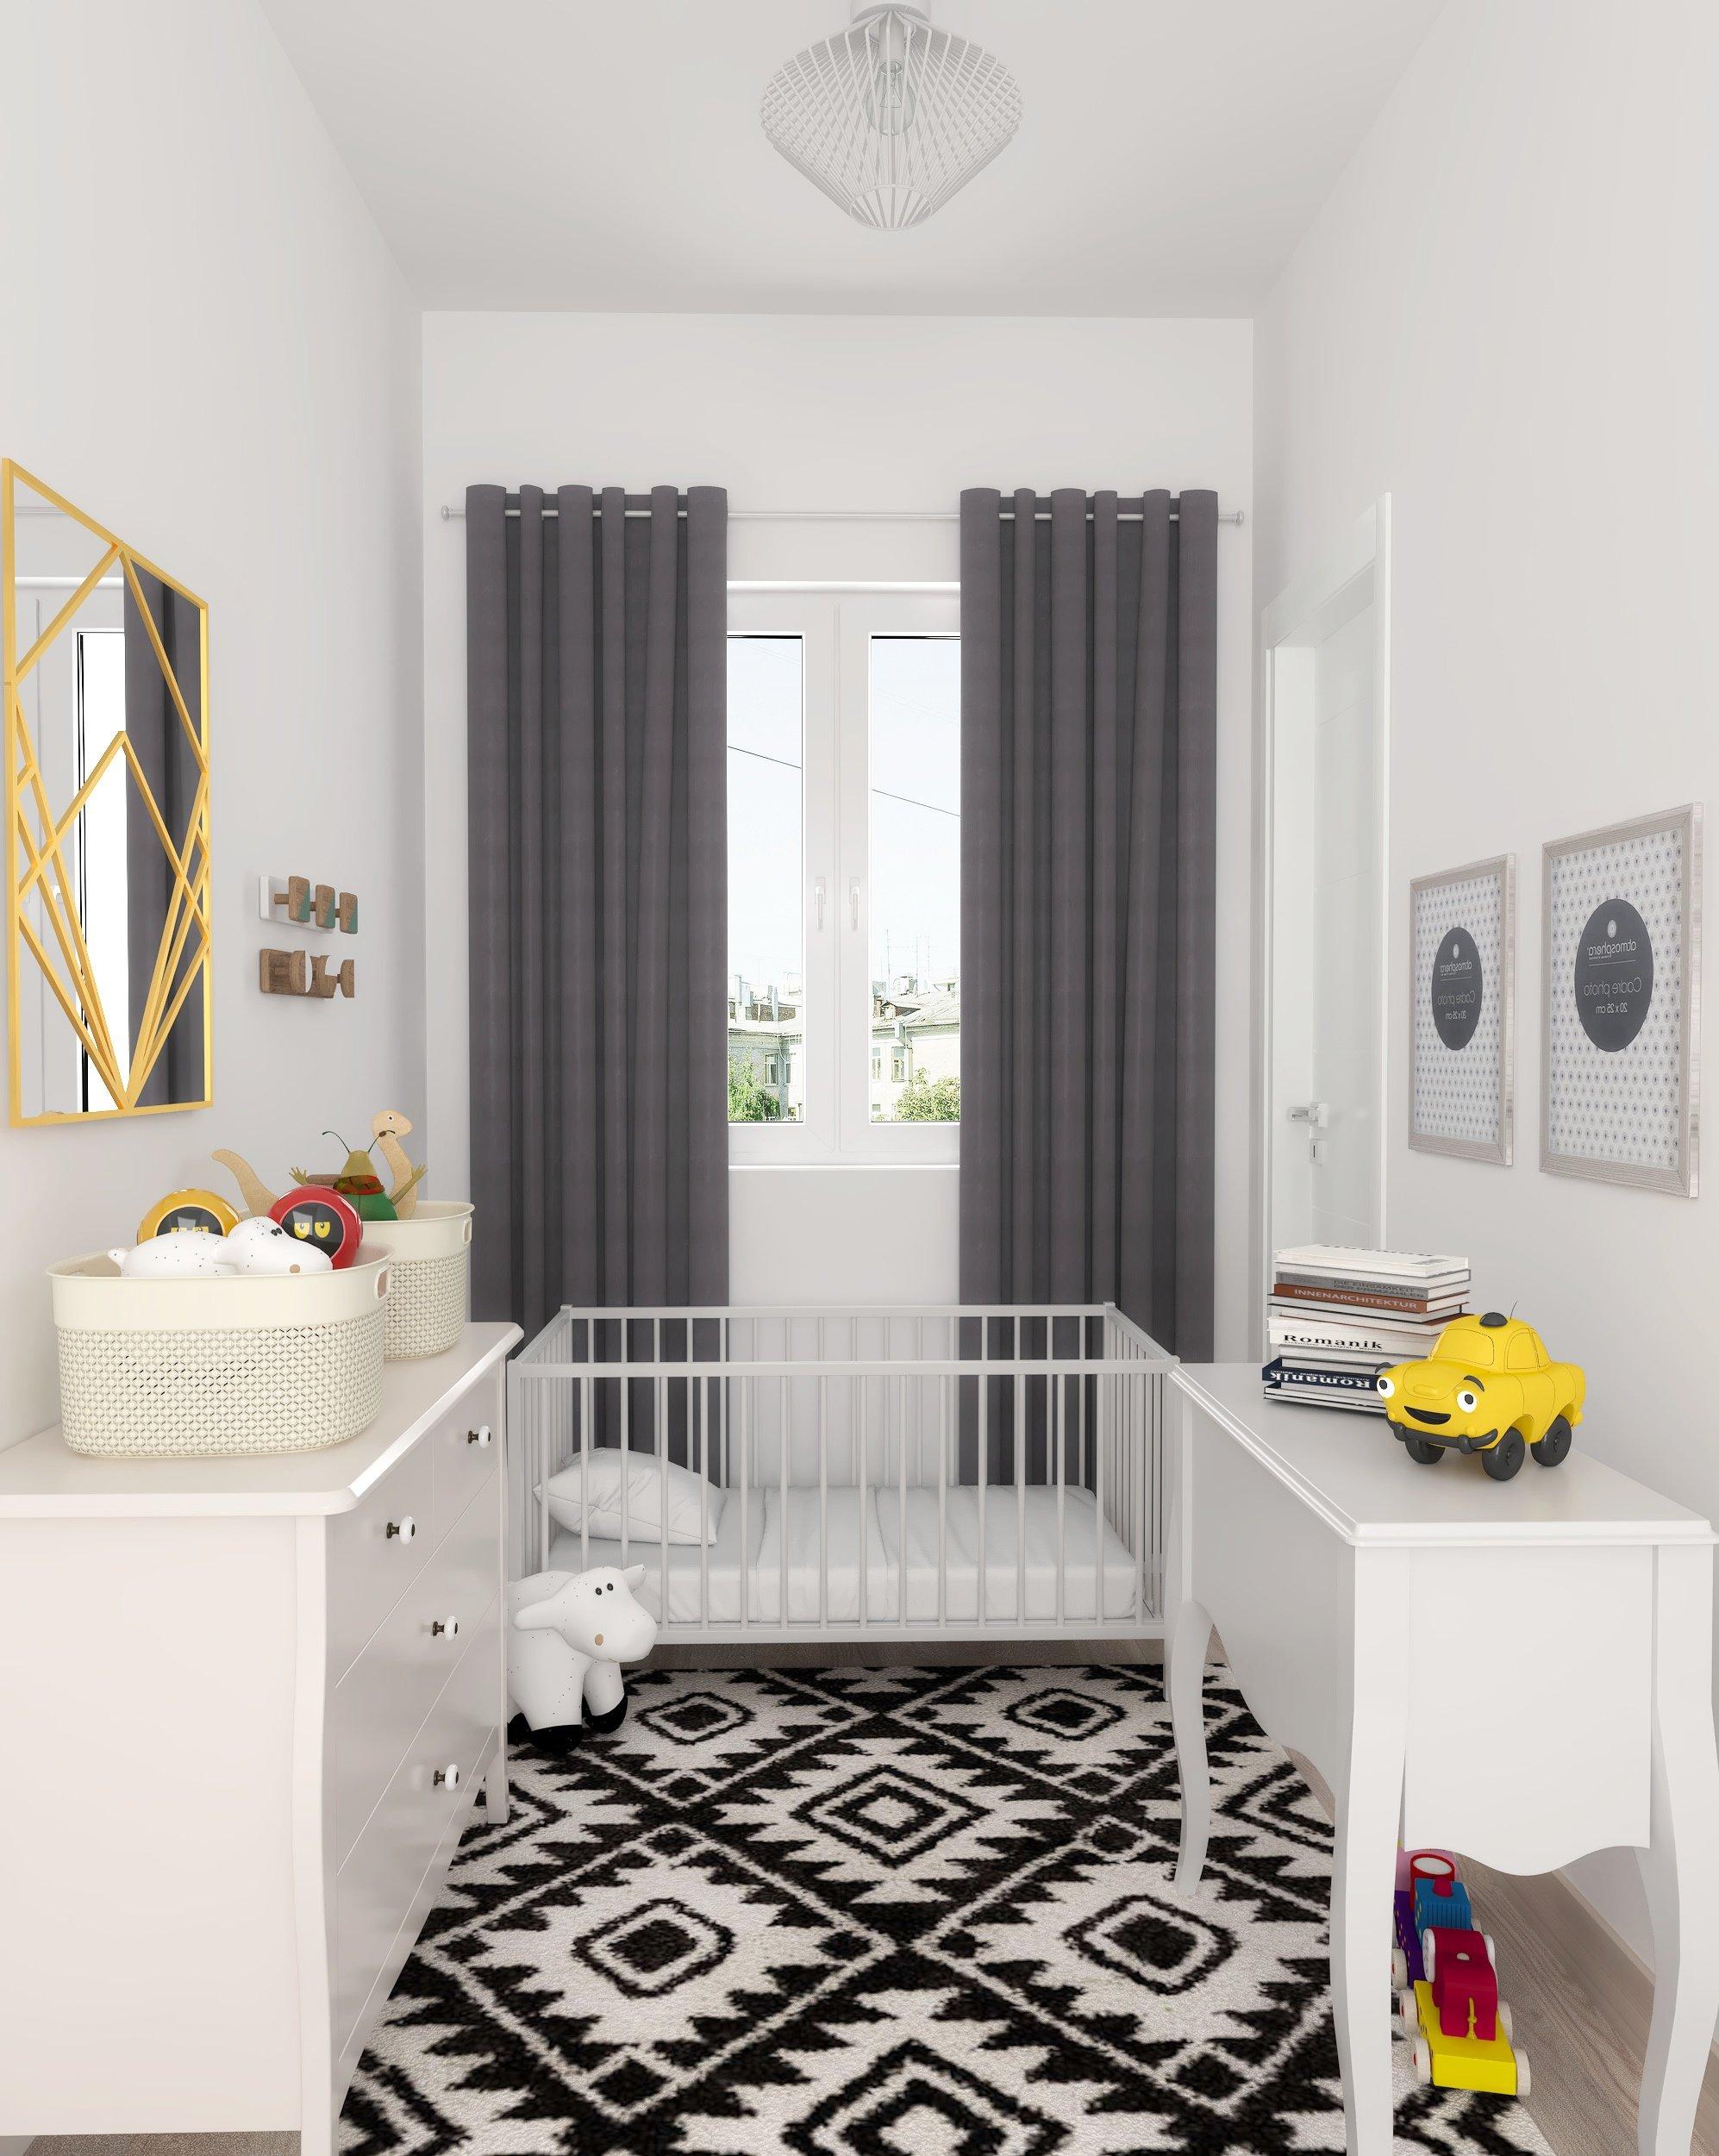 Chambre d\'enfant scandinave blanche noire grise dorée : inspiration ...